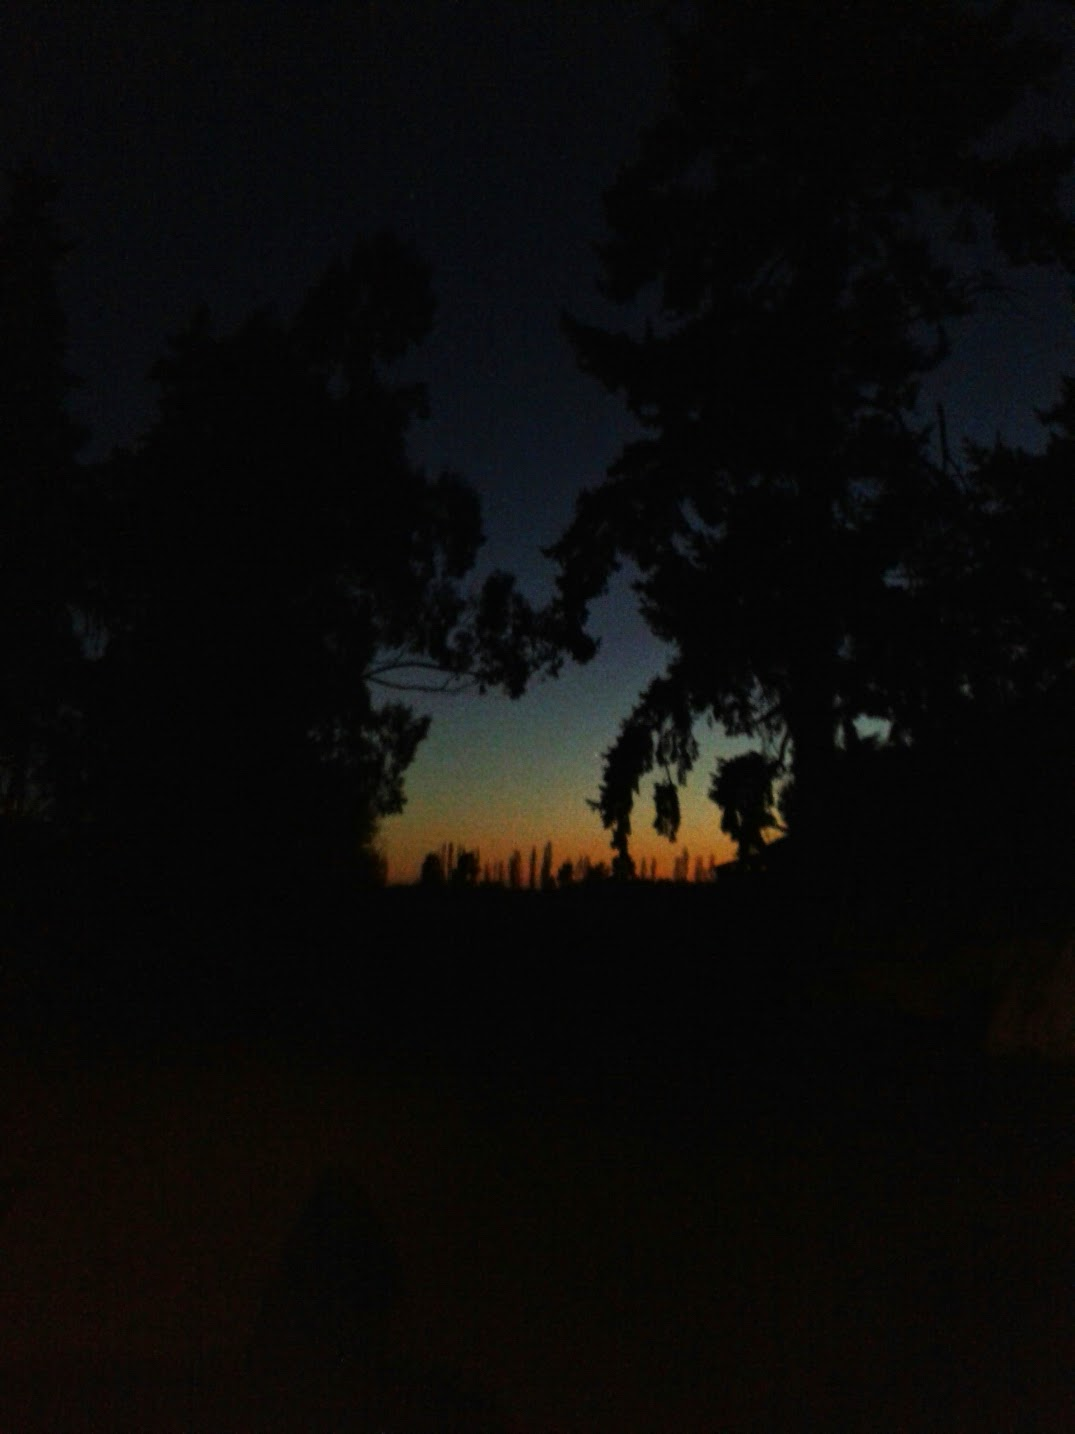 http://momentodeviajeandcraft.blogspot.co.nz/